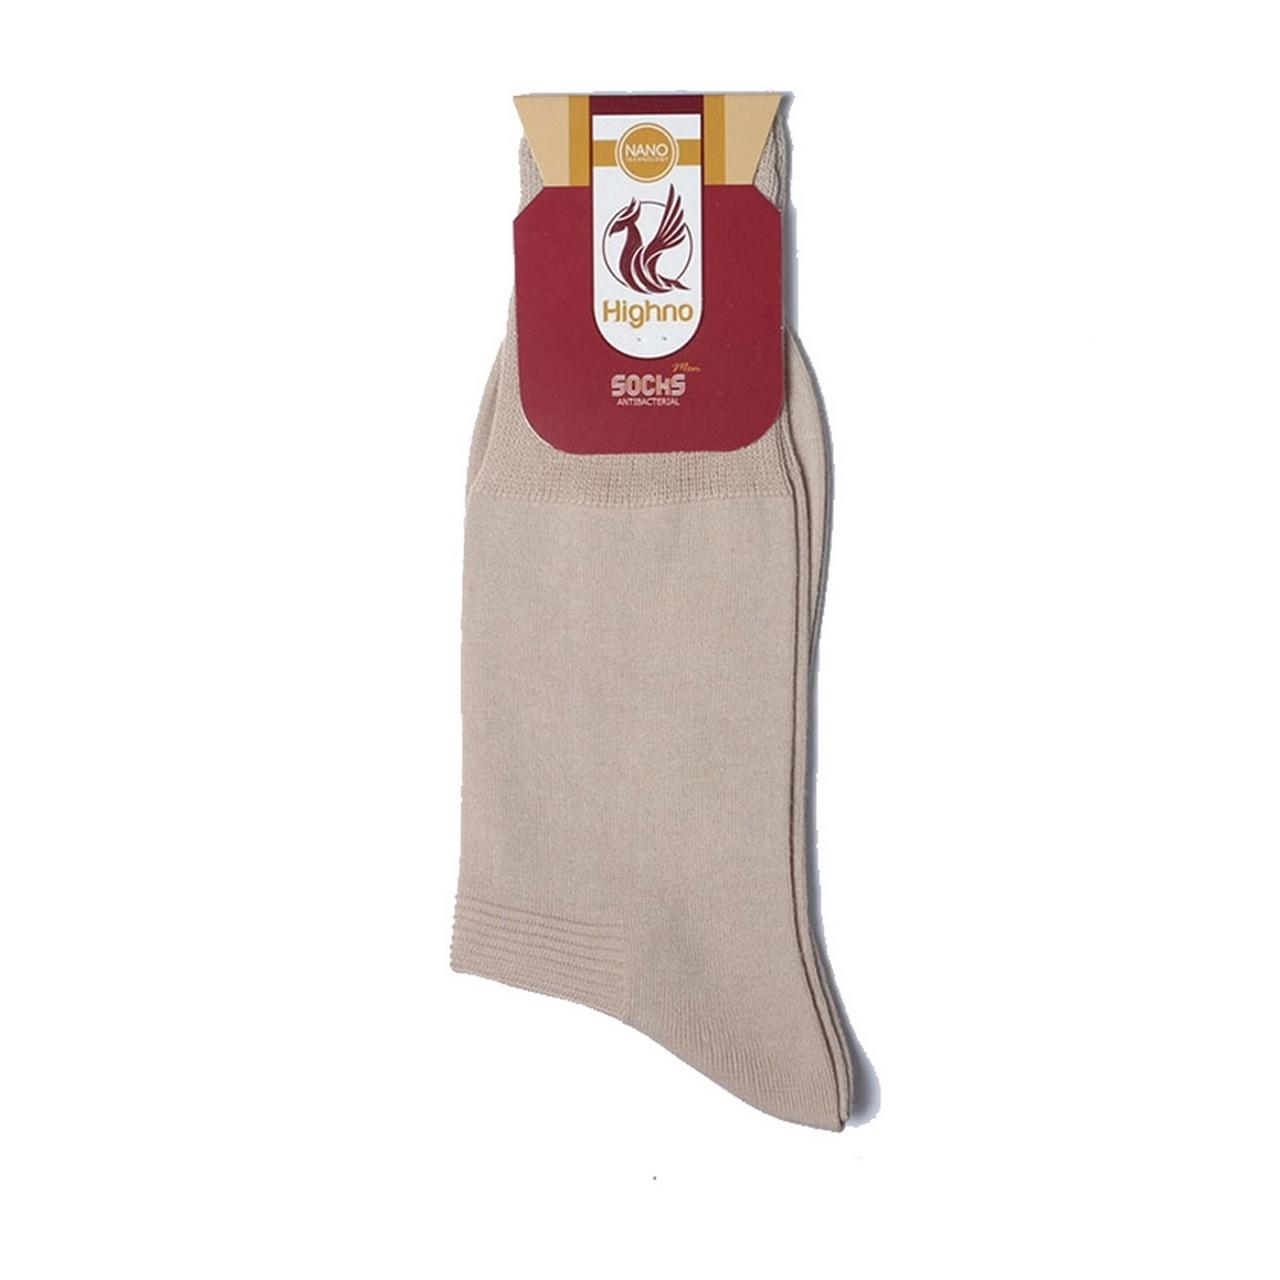 جوراب مردانه هاینو مدل 05-1070